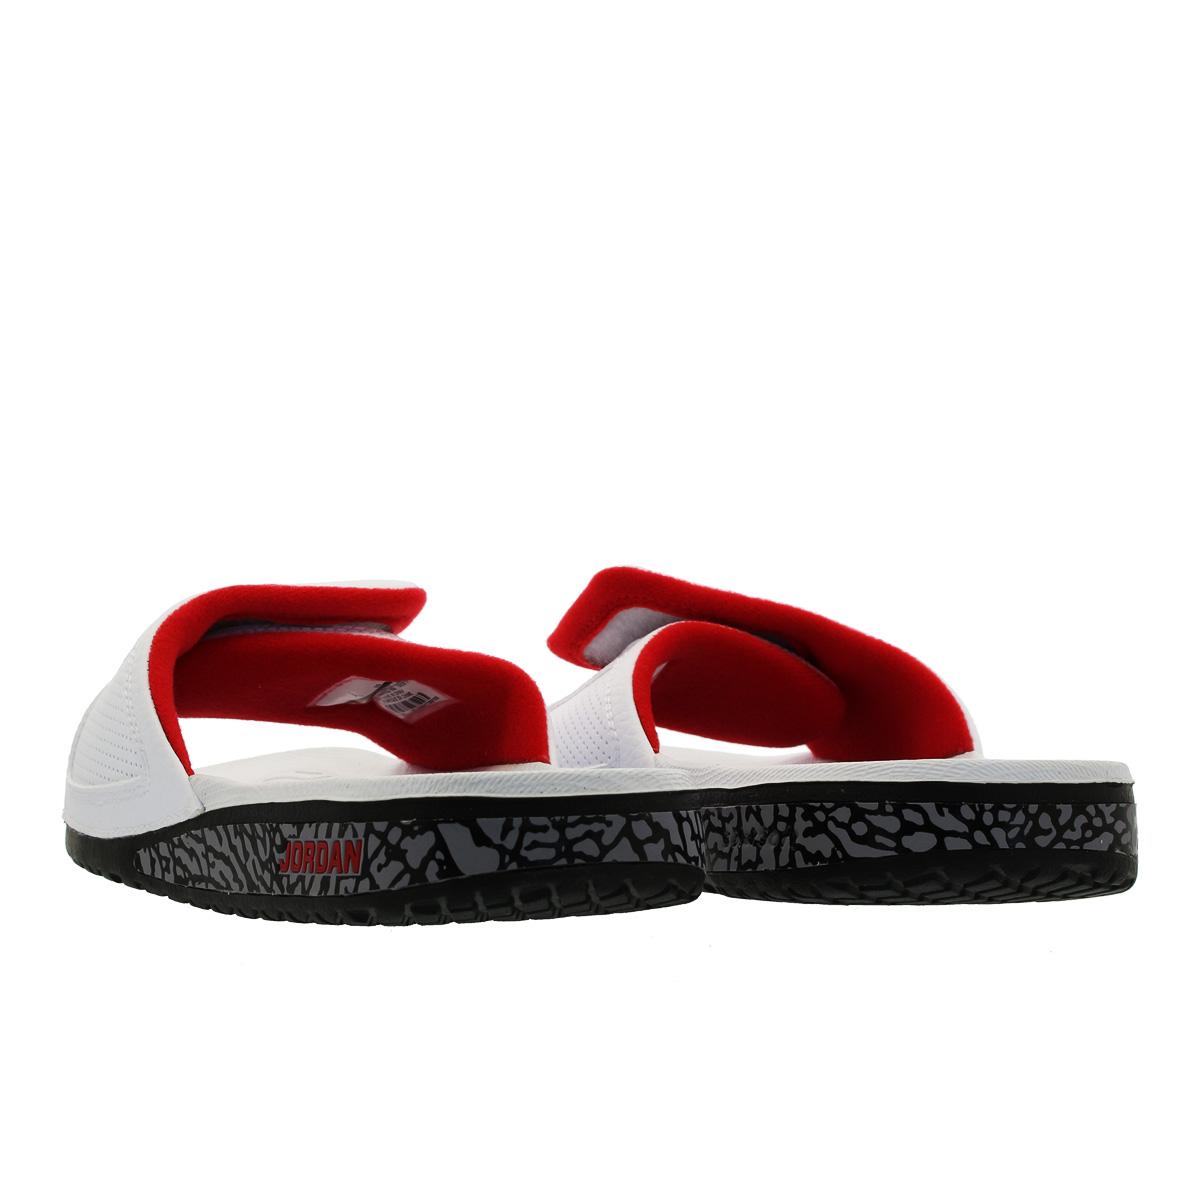 15d304d597256 NIKE JORDAN HYDRO 3 RETRO Nike Jordan high mud 3 nostalgic WHITE UNIVERSITY  RED